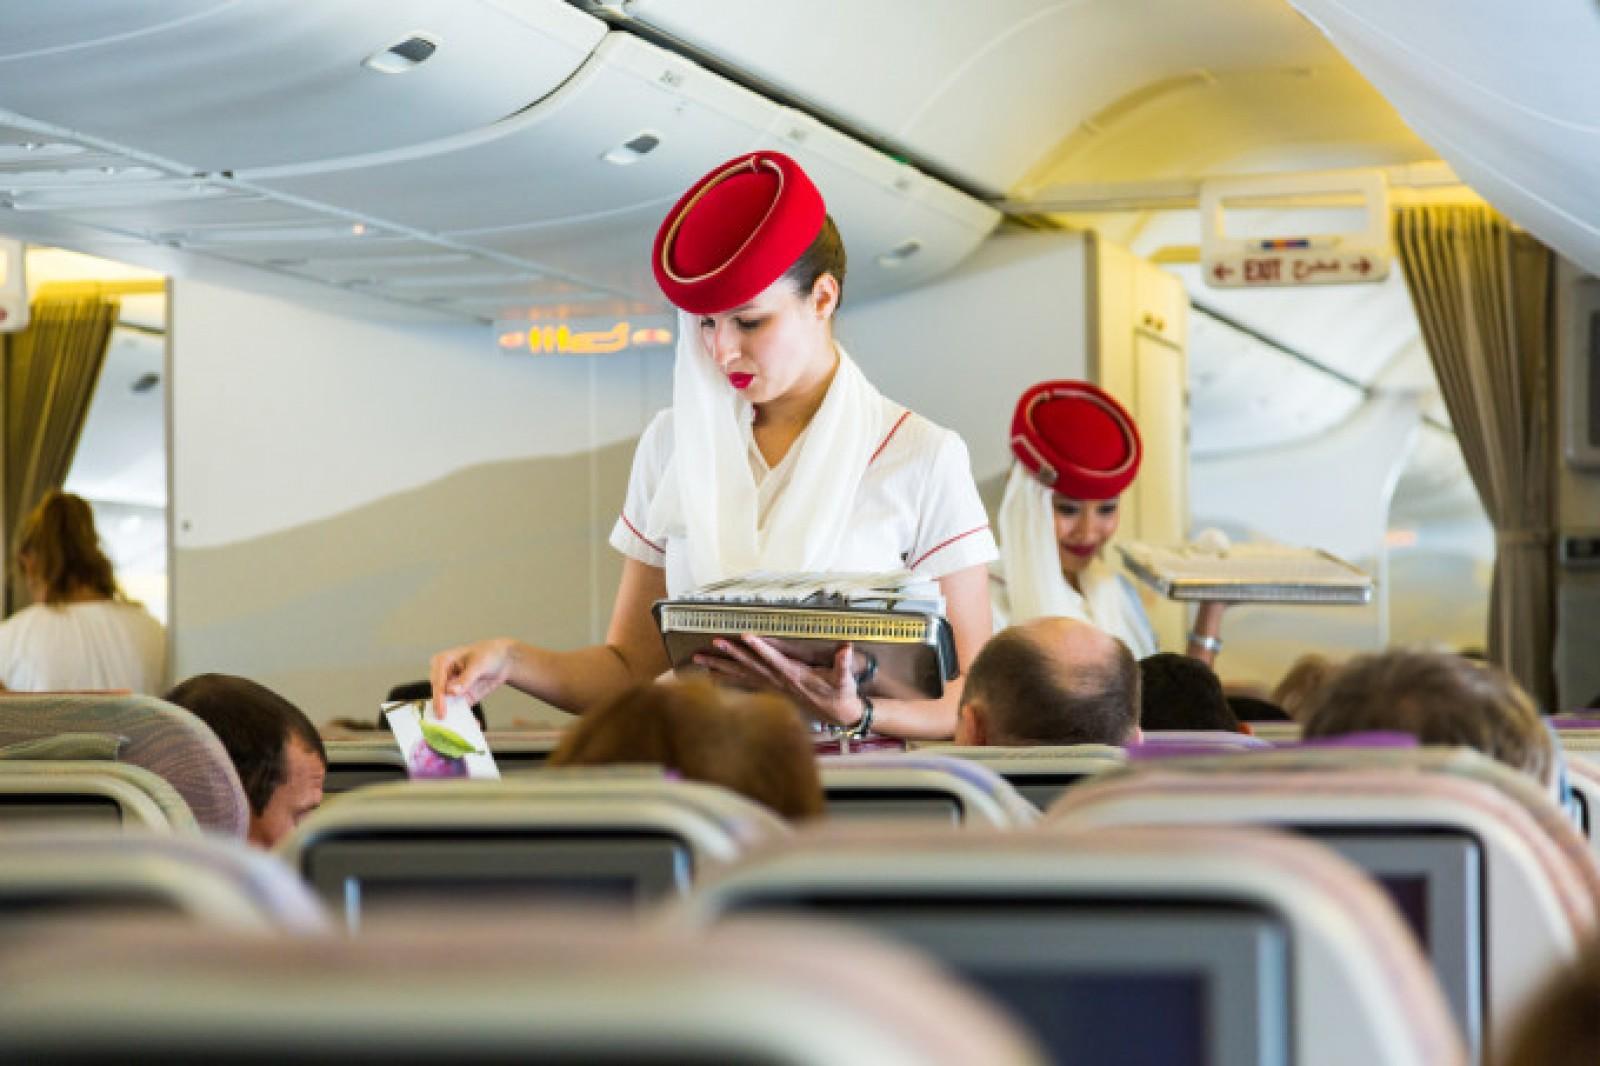 Femeie reținută și umilită în Dubai, după ce a băut vin la bordul unui avion